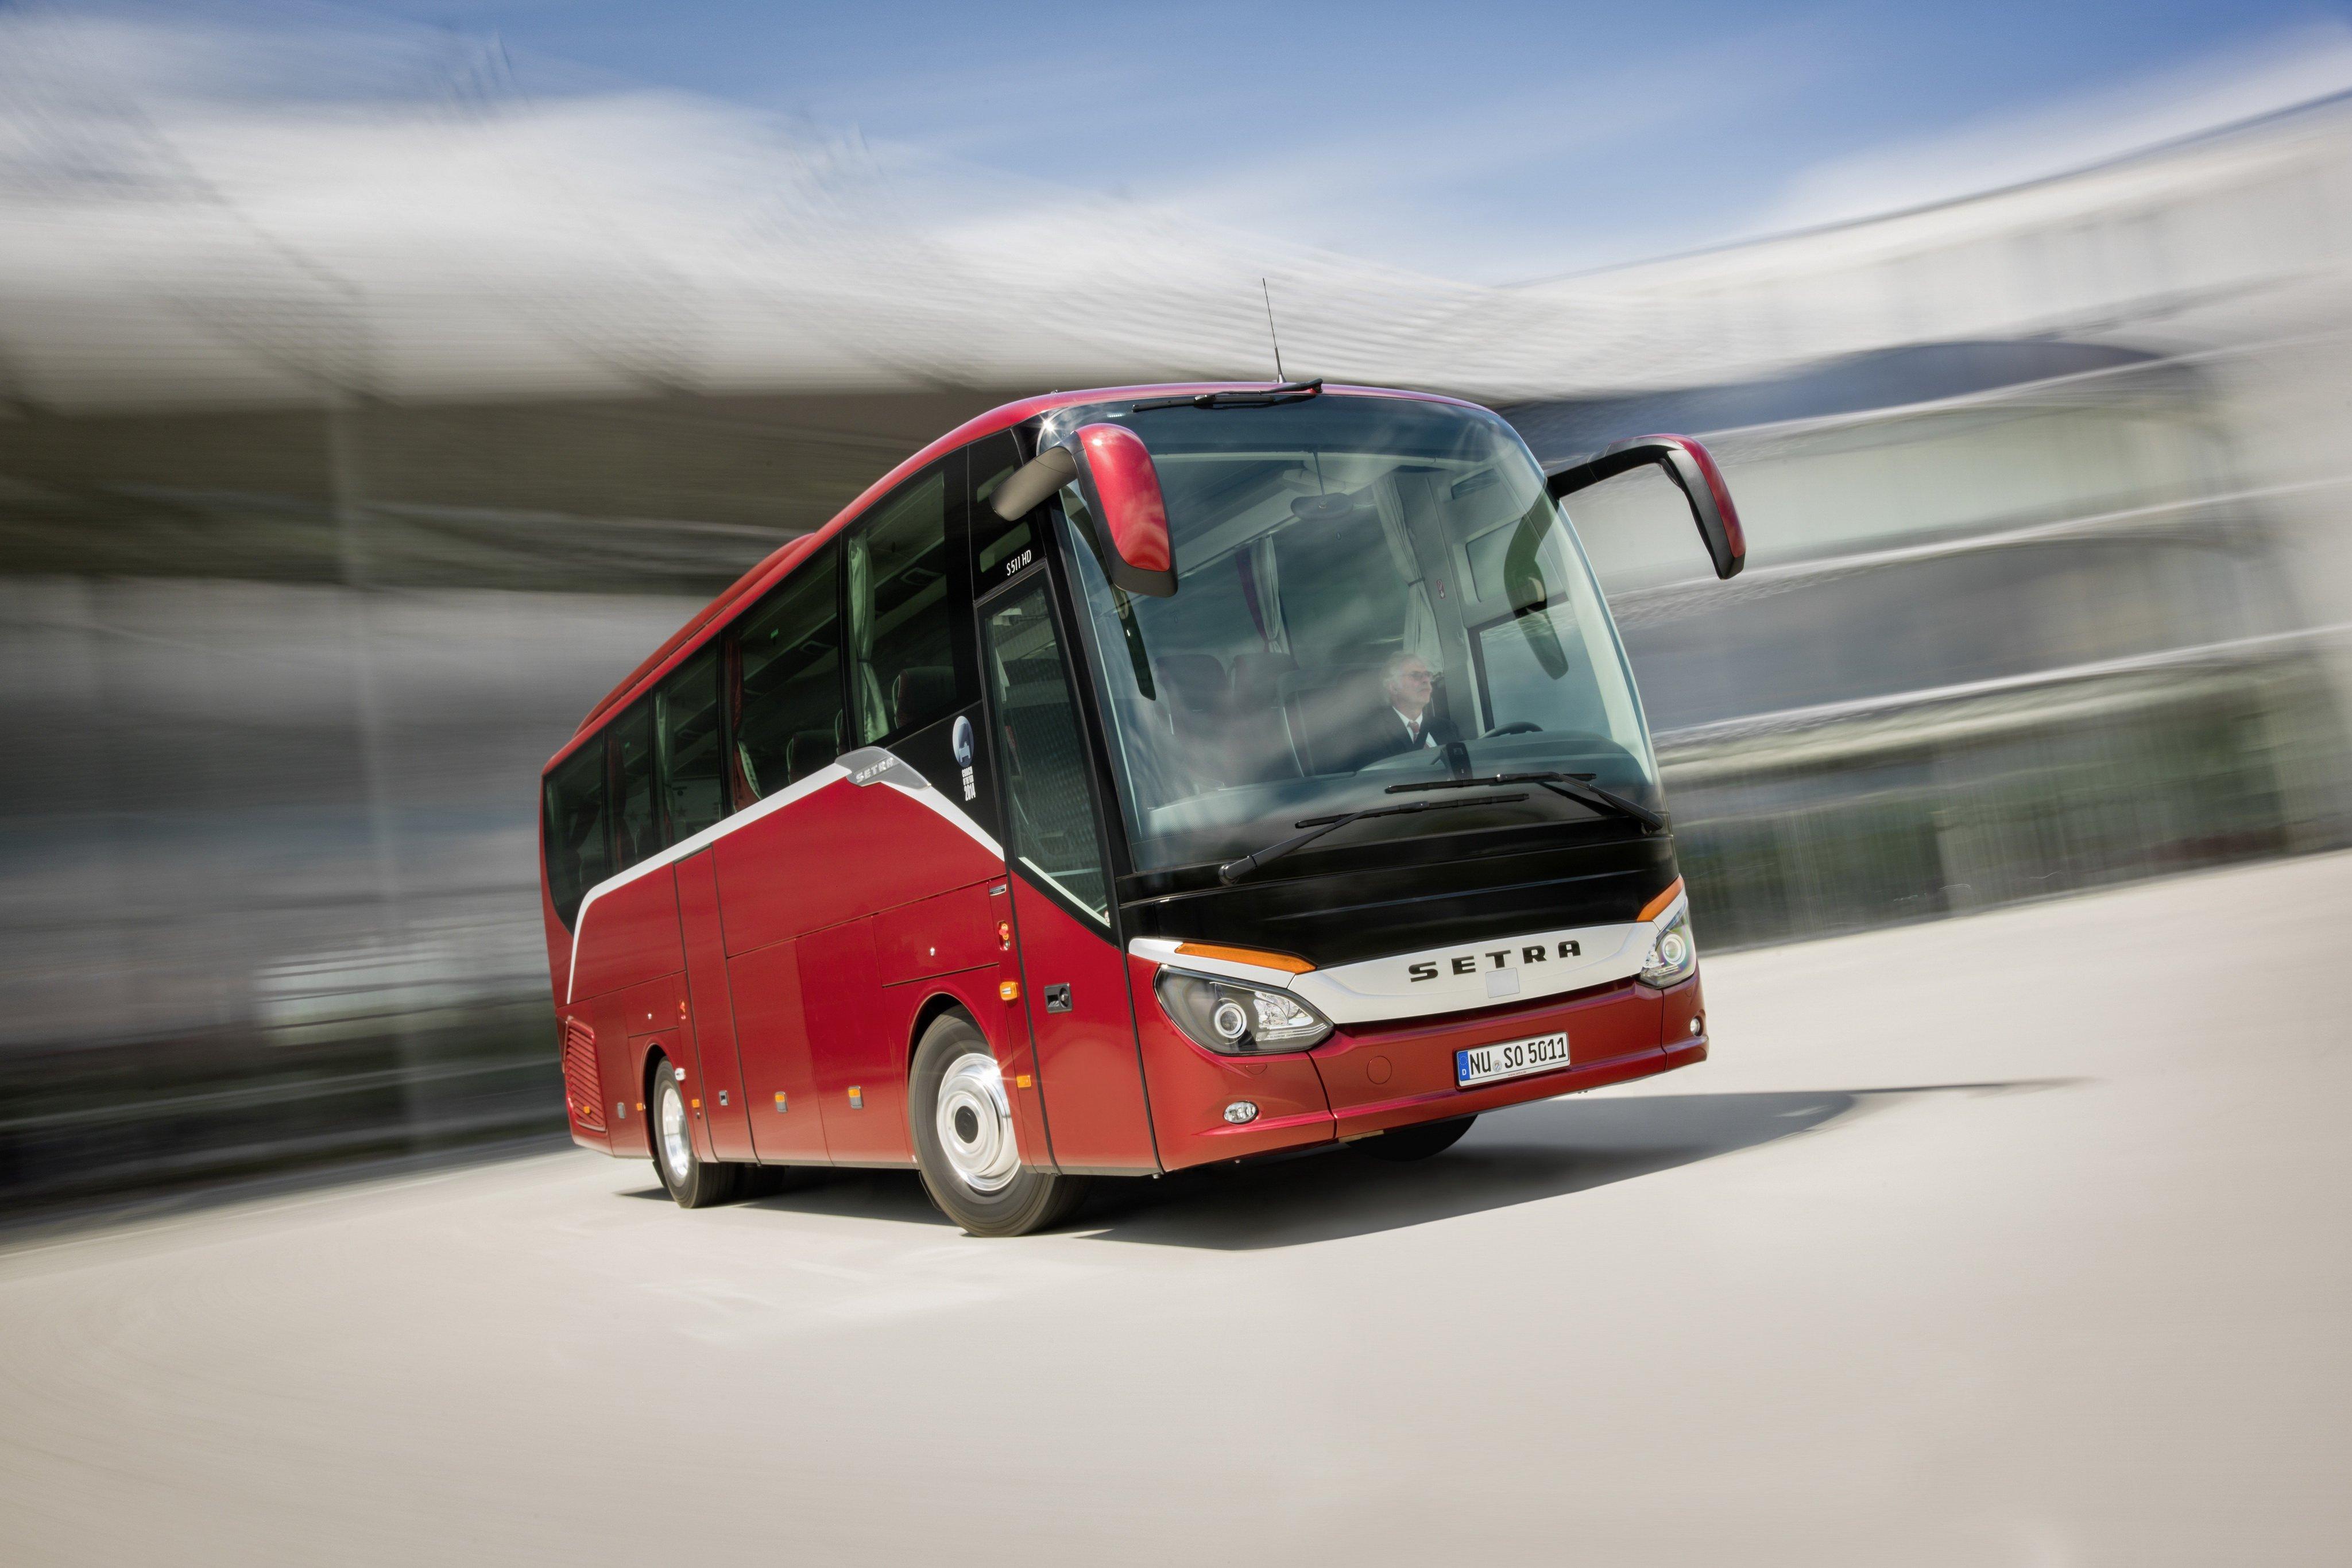 Автобус картинки красивые, открытках